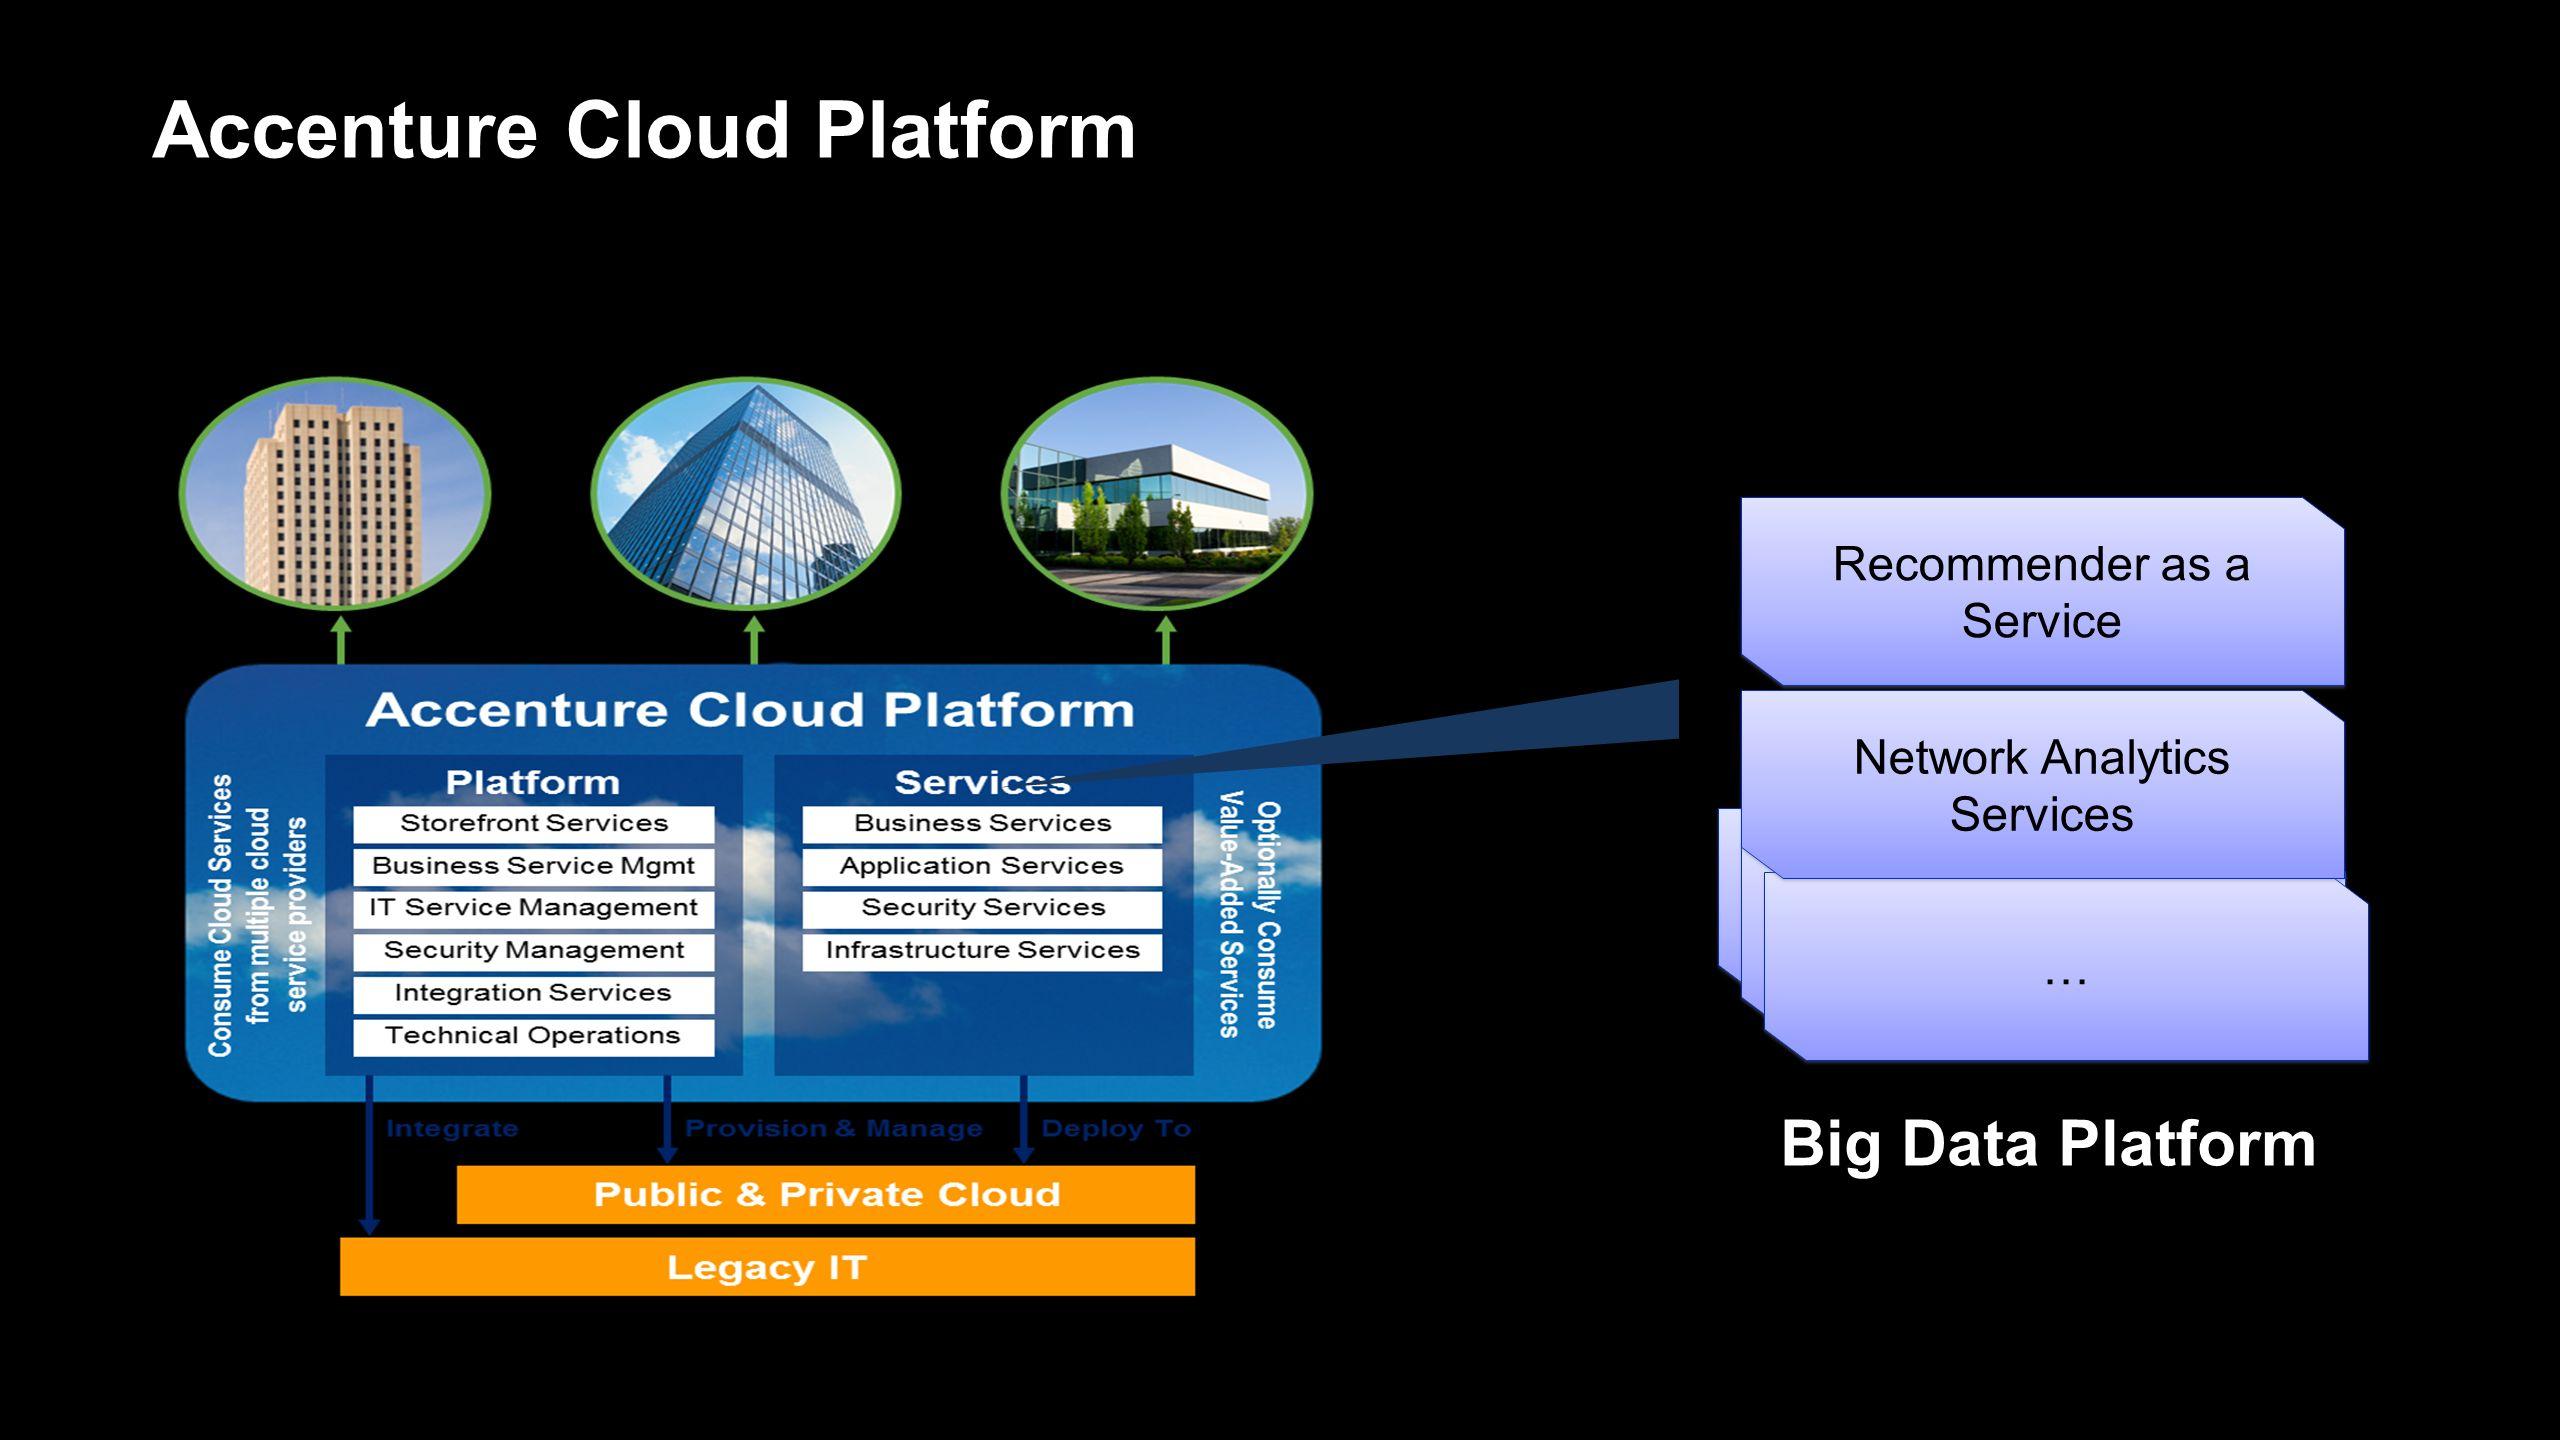 Accenture Cloud Platform